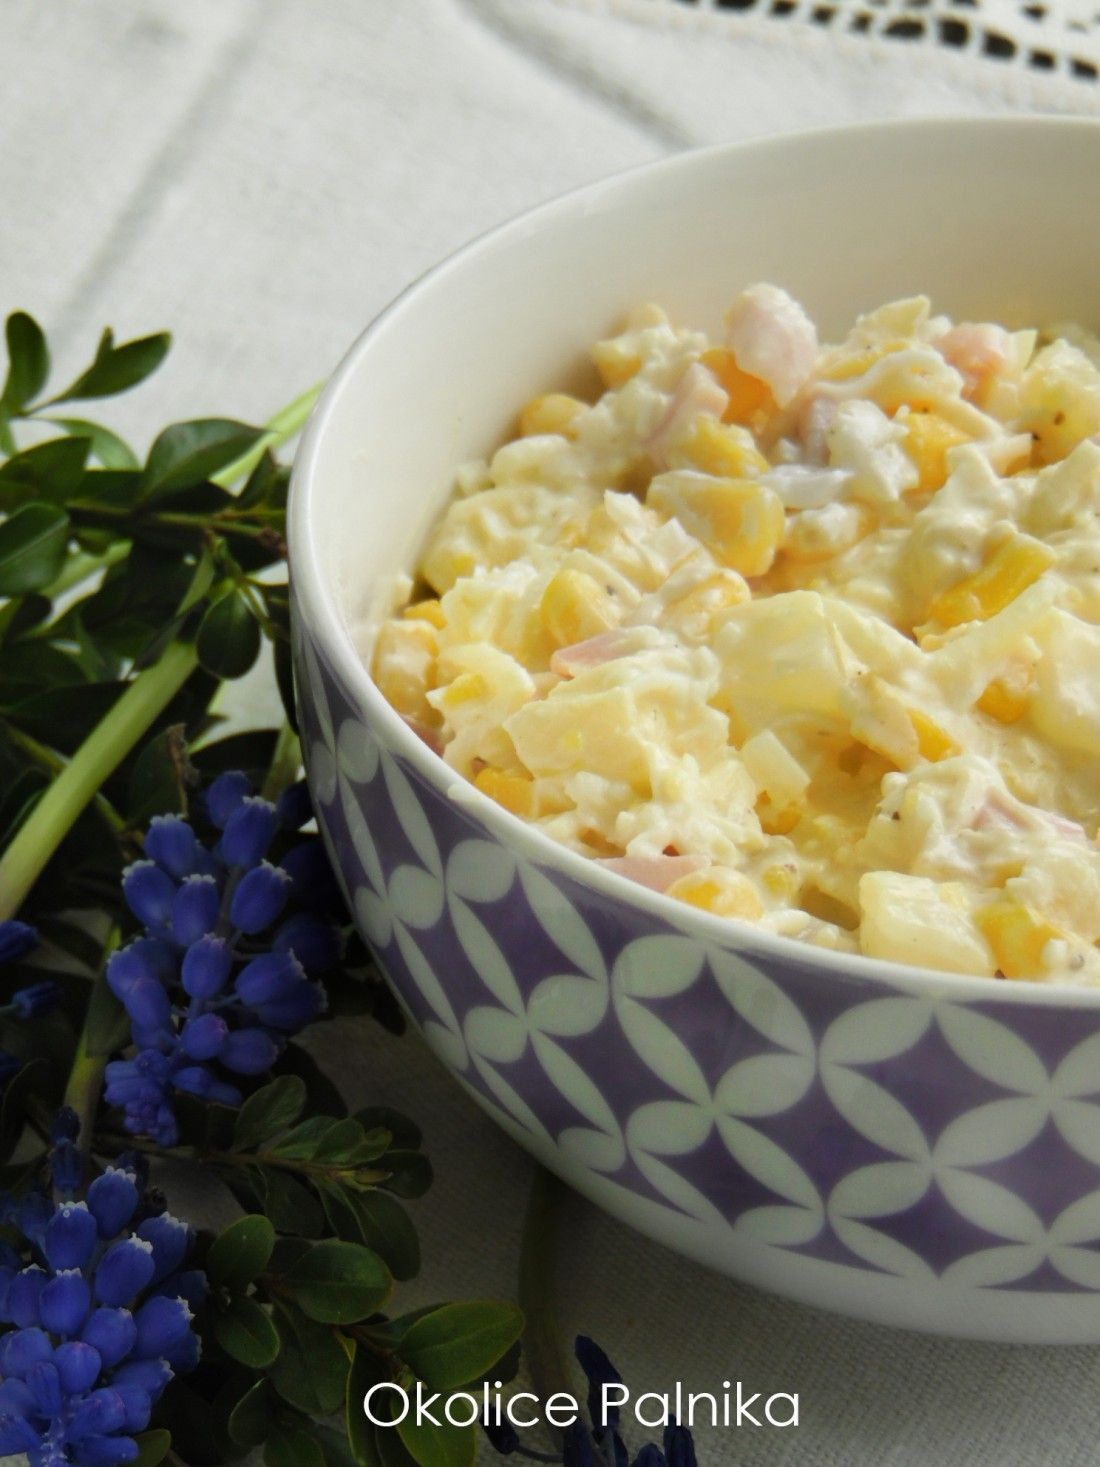 Salatka Z Selera Konserwowego I Ananasa Przepis Na Salatke Z Selera